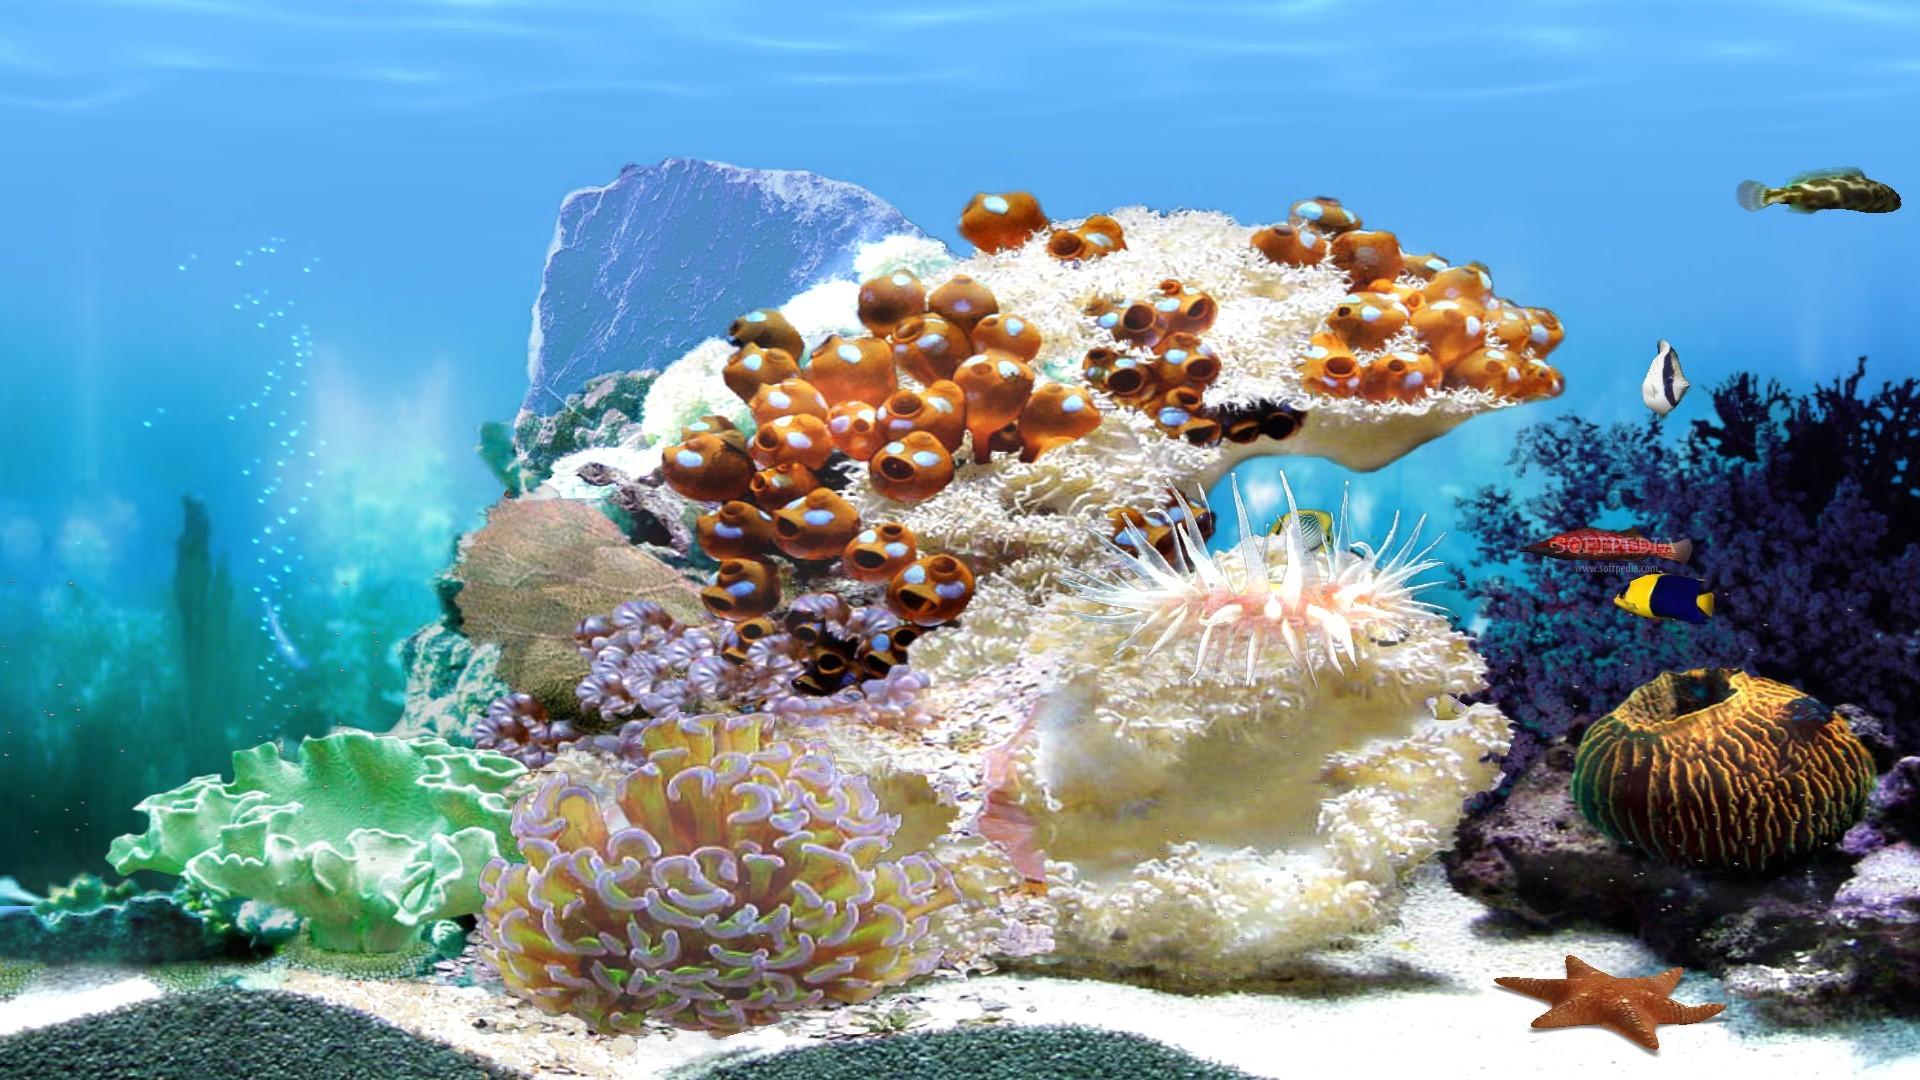 Aquarium Bildschirmschoner Kostenlos Tv : Aquarium wallpaper animated  wallpapersafari